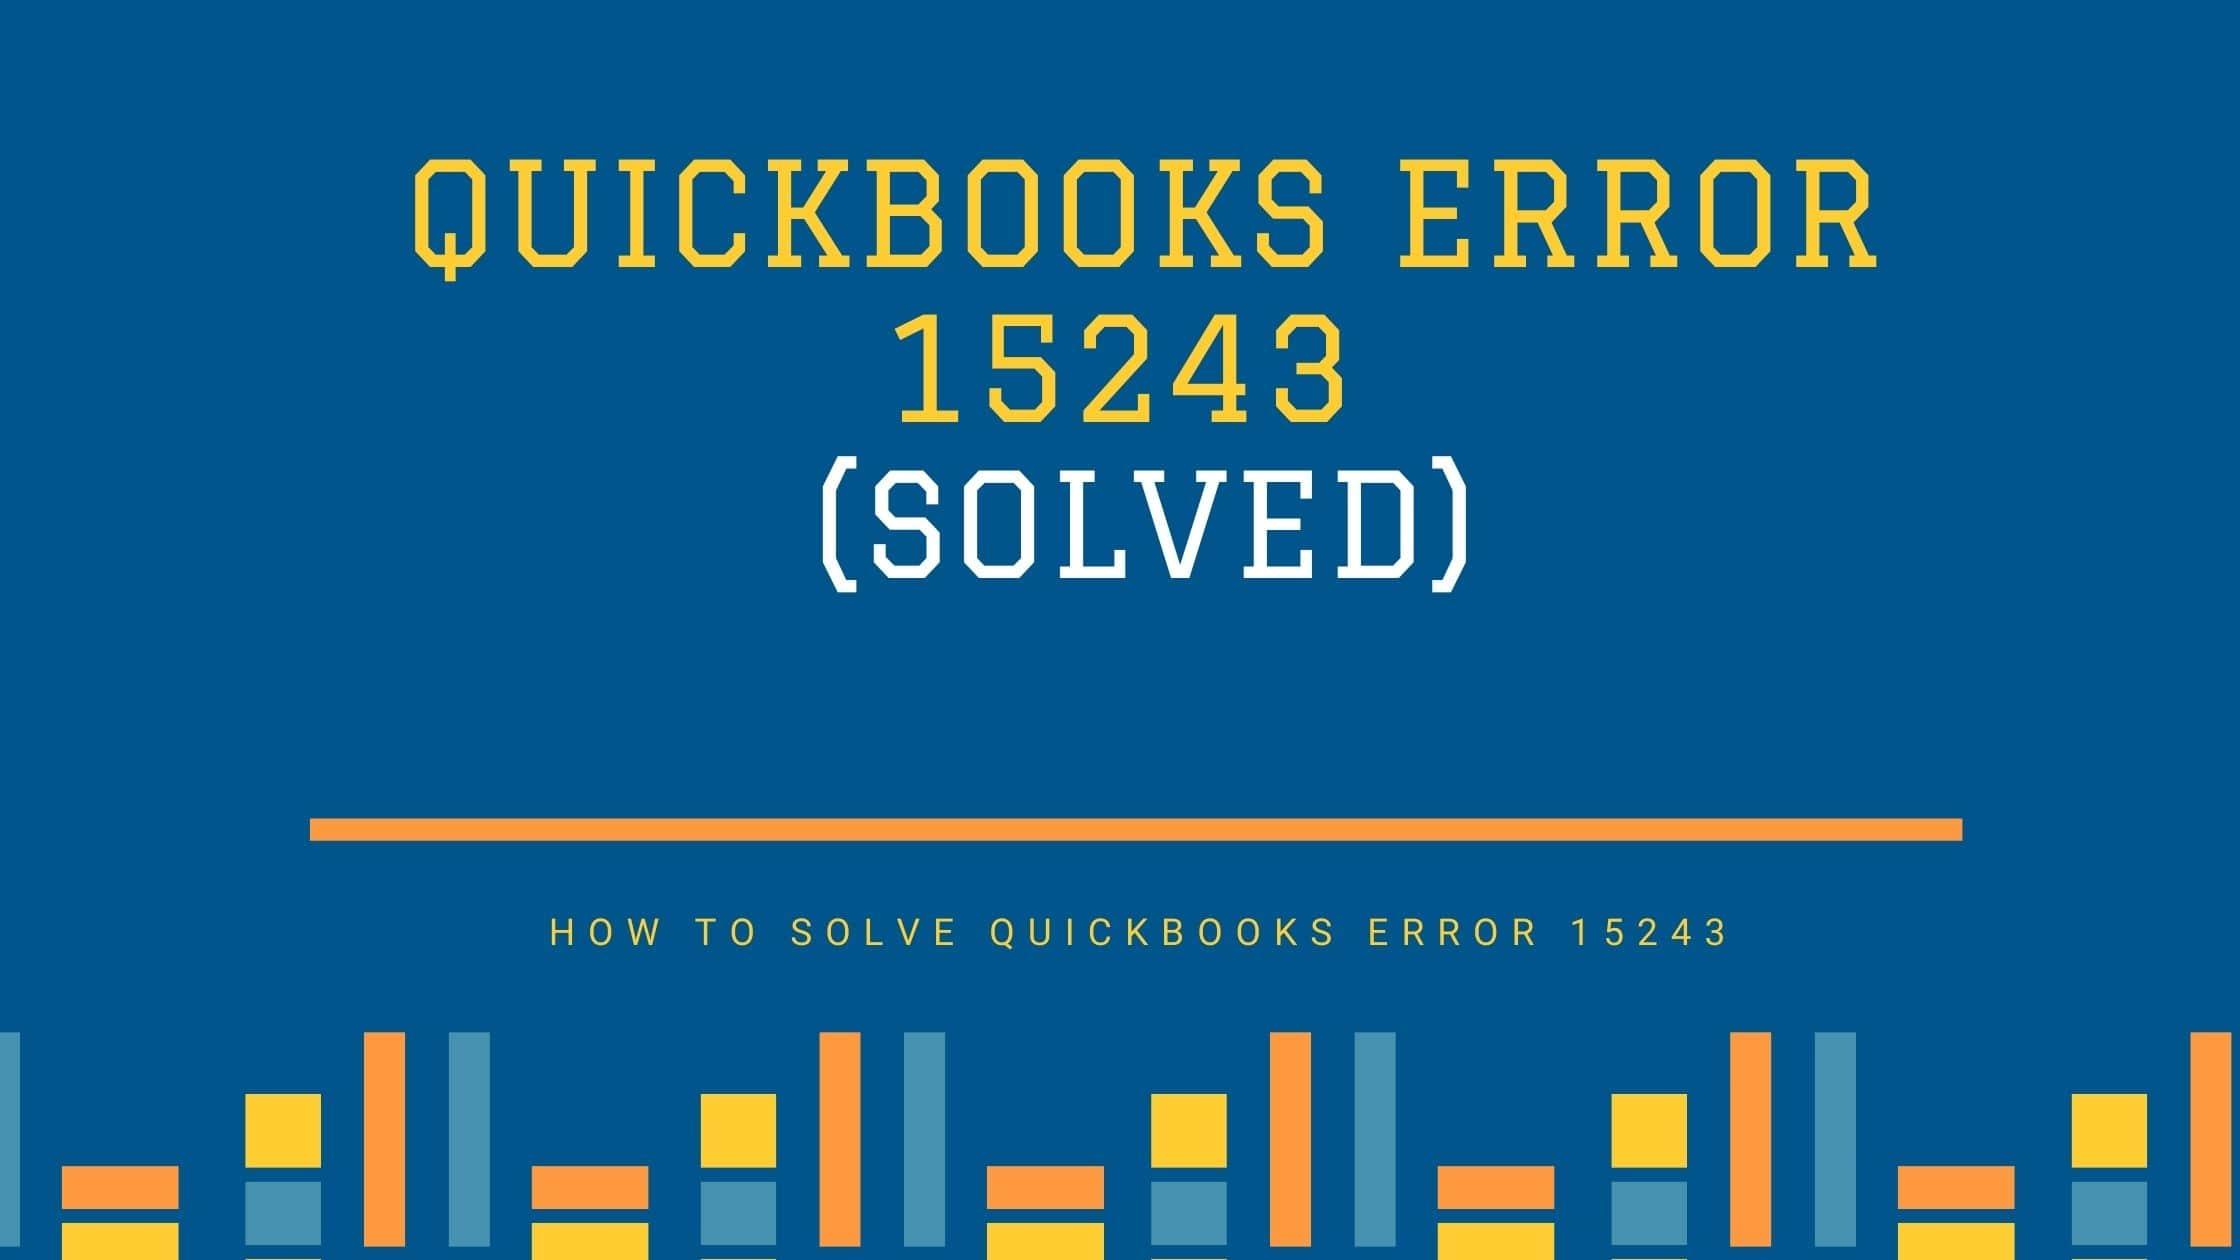 Solved QuickBooks Error 15243